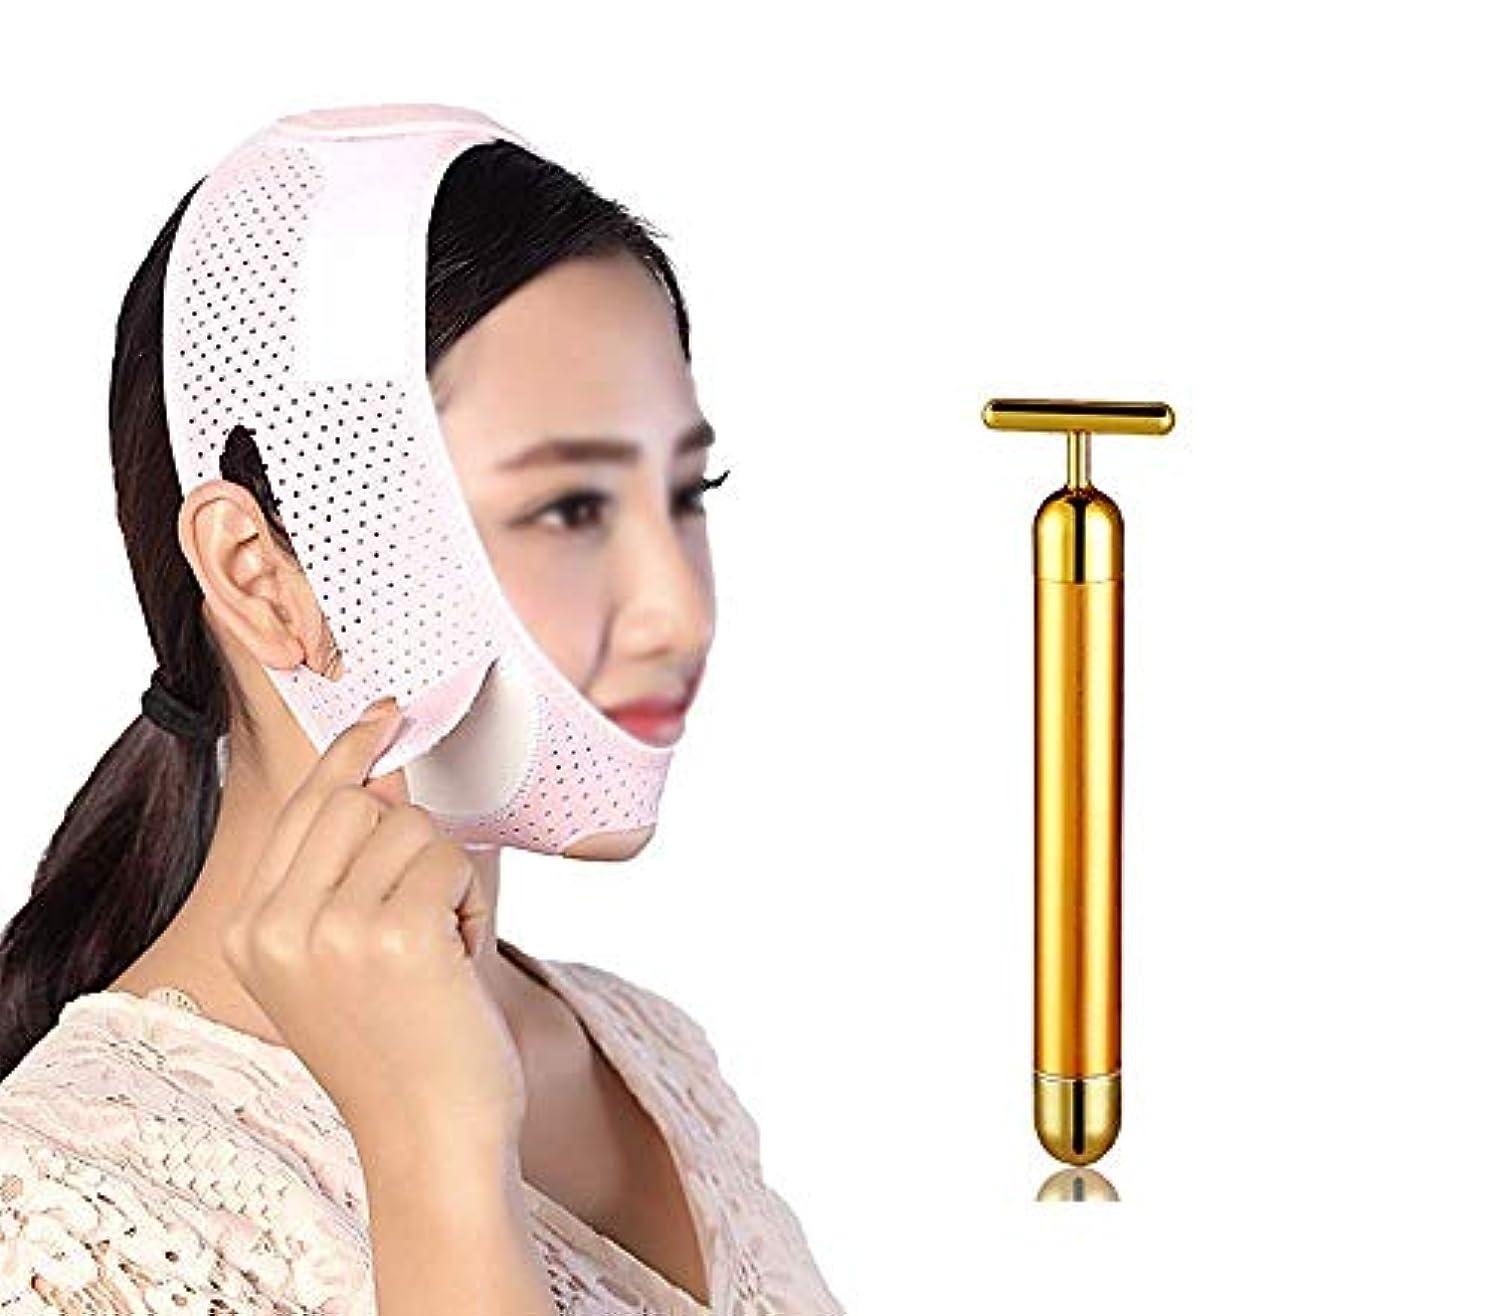 居間ハプニングモール顔と首を持ち上げる術後弾性セットVフェイスマスクは、チンV顔アーティファクト回復サポートベルトの収縮の調整を強化します。